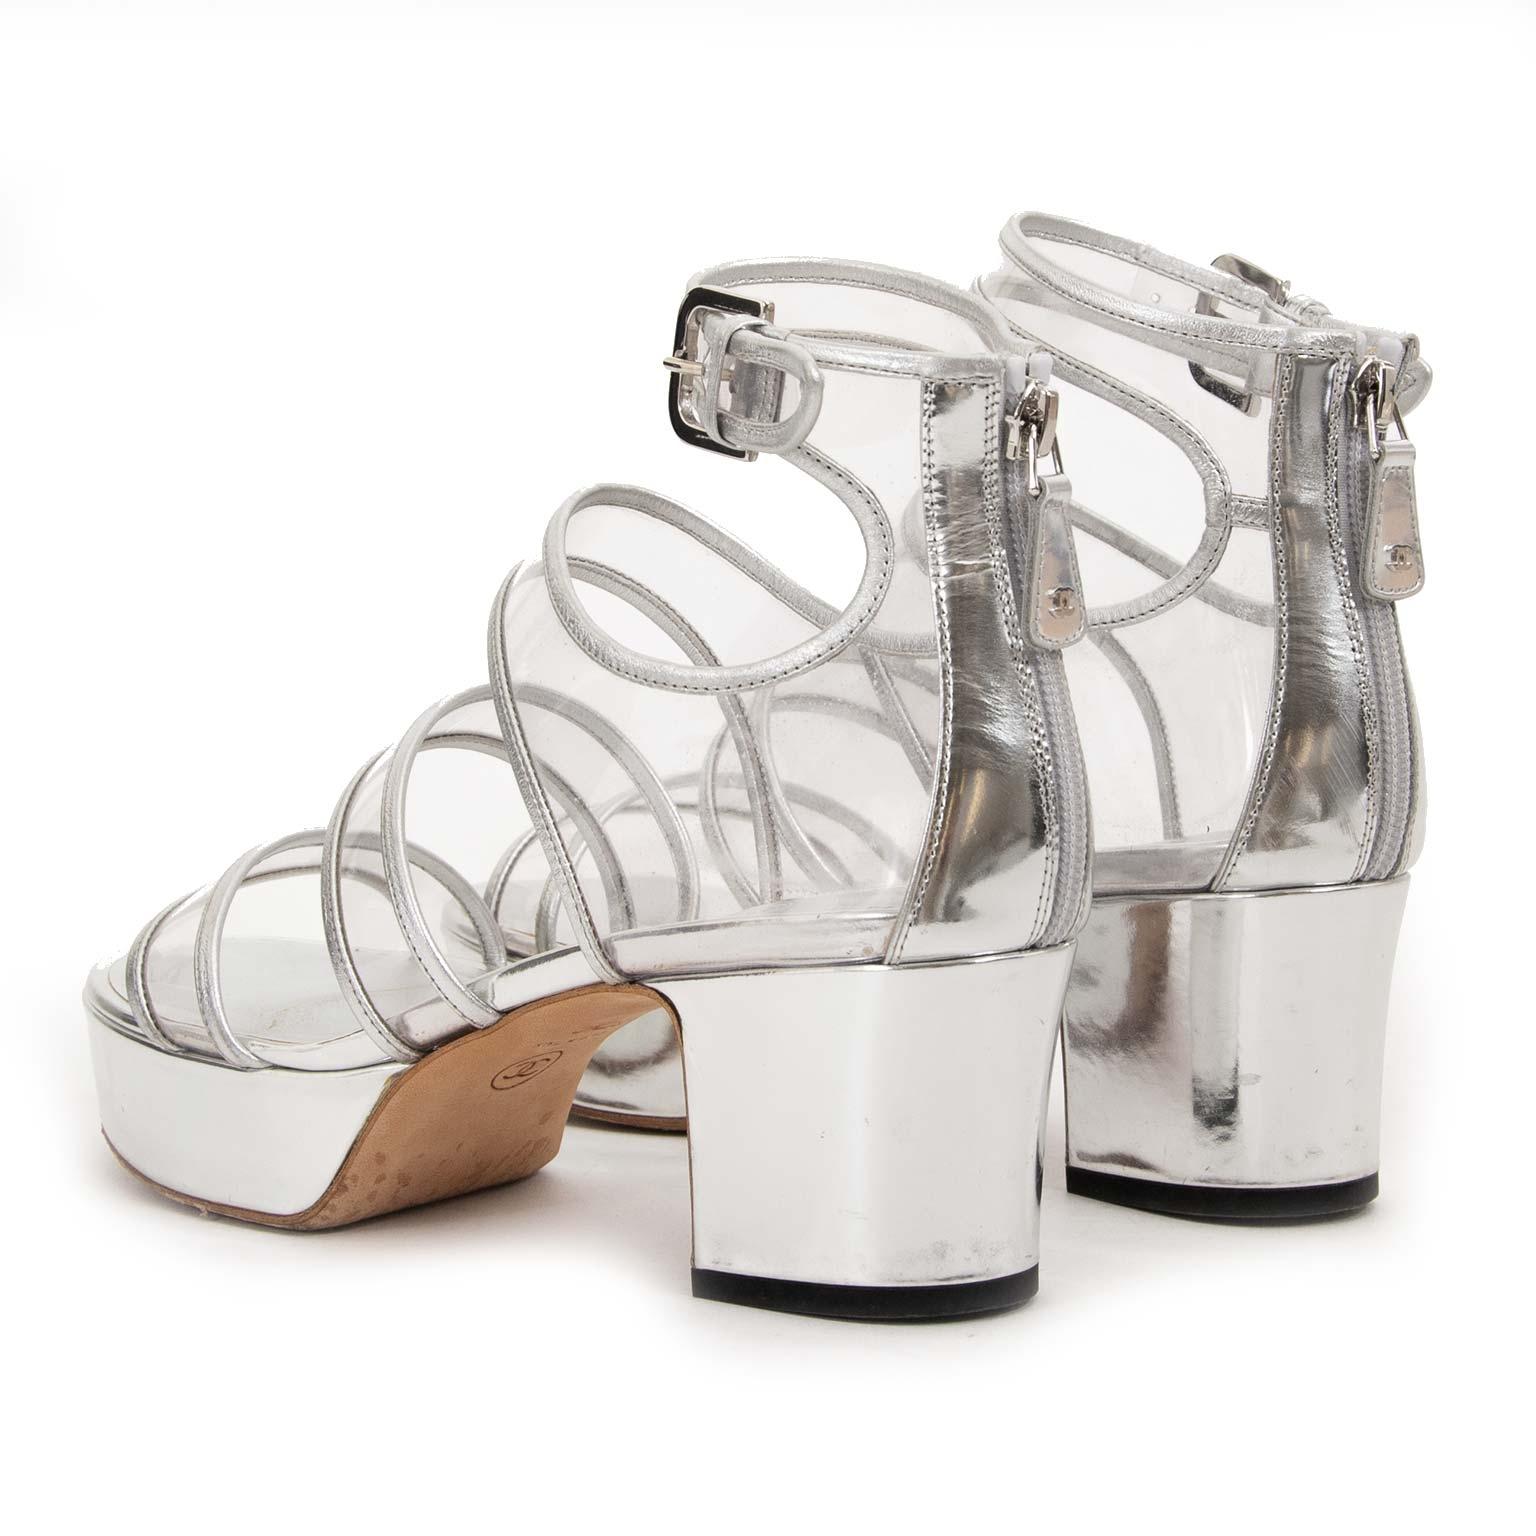 koop Chanel Metallic Silver PVC Platform Sandals - Size 37,5 bij labellov aan de beste prijs